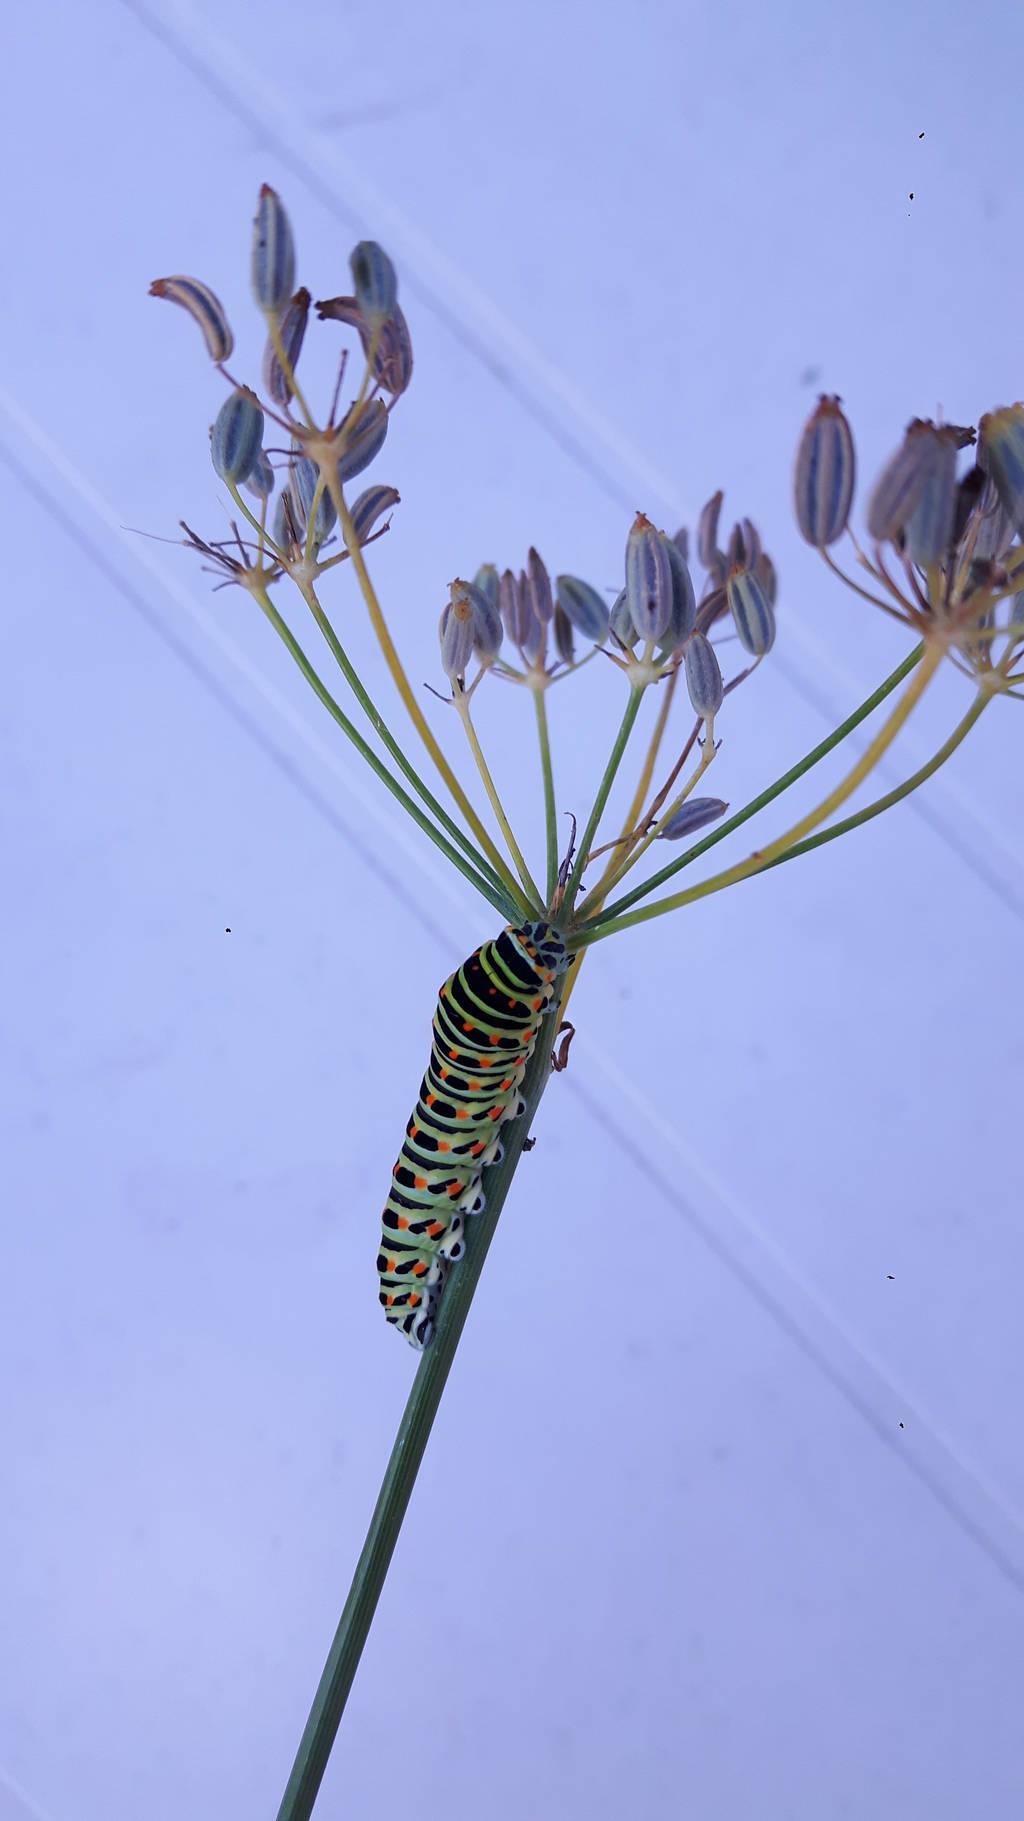 Larval on fennel by bormolino